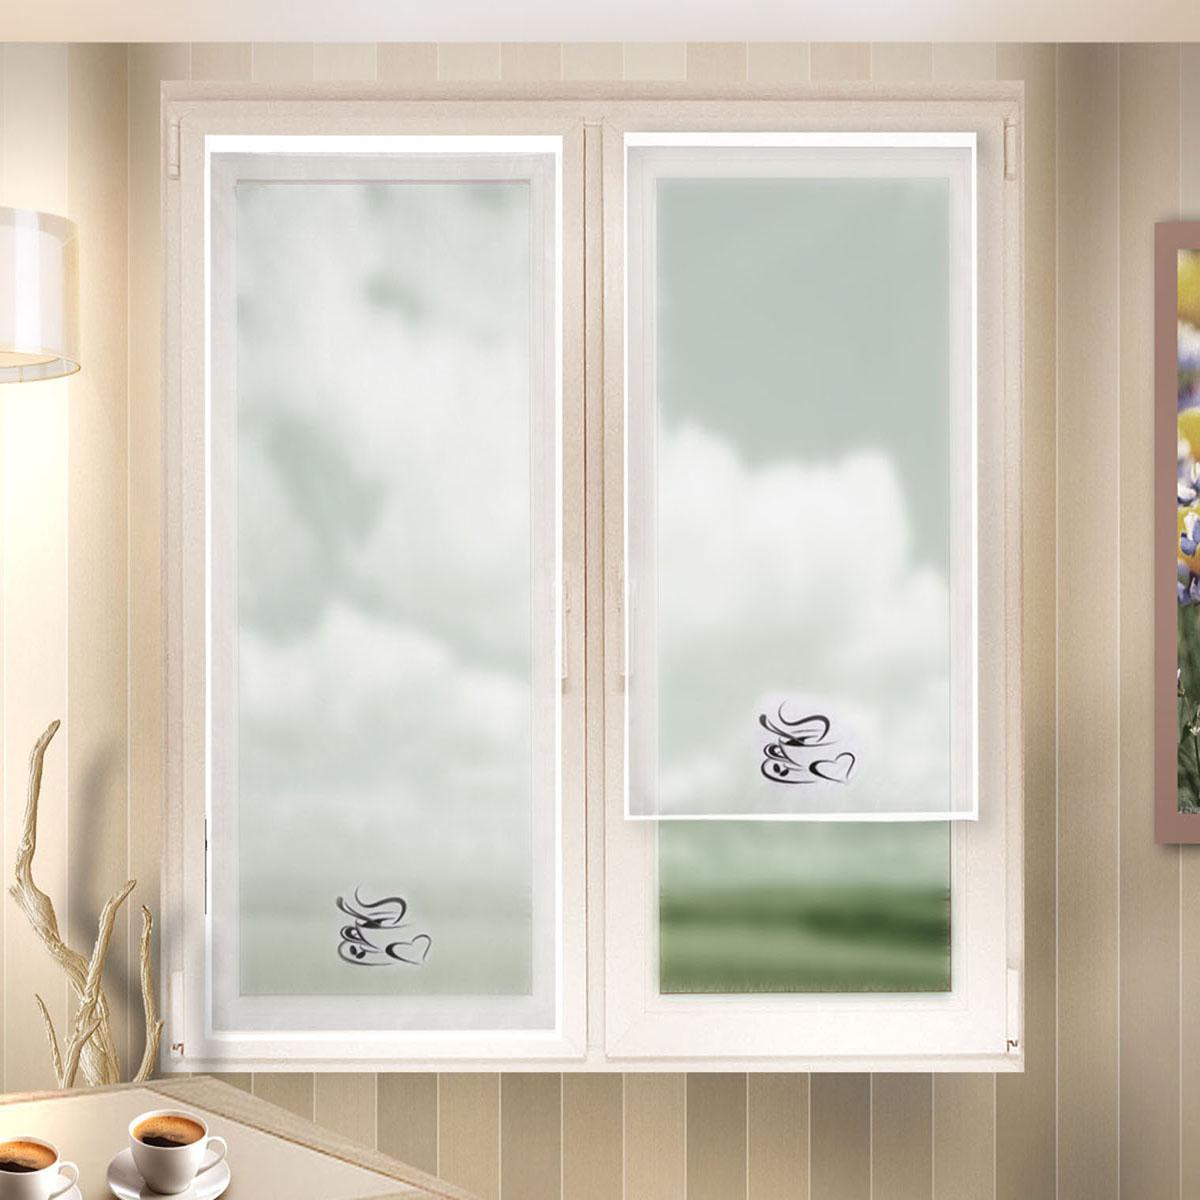 Гардина Zlata Korunka, на липкой ленте, цвет: белый, высота 90 см. 666021/2GC013/00Гардина на липкой ленте Zlata Korunka, изготовленная из полиэстера, станет великолепным украшением любого окна. Полотно из белой вуали с печатным рисунком привлечет к себе внимание и органично впишется в интерьер комнаты. Лучшая альтернатива рулонным шторам - шторы на липкой ленте. Особенность этих штор заключается в том, что они имеют липкую основу в месте крепления. Лента или основа надежно и быстро крепится на раму окна, а на нее фиксируется сама штора.